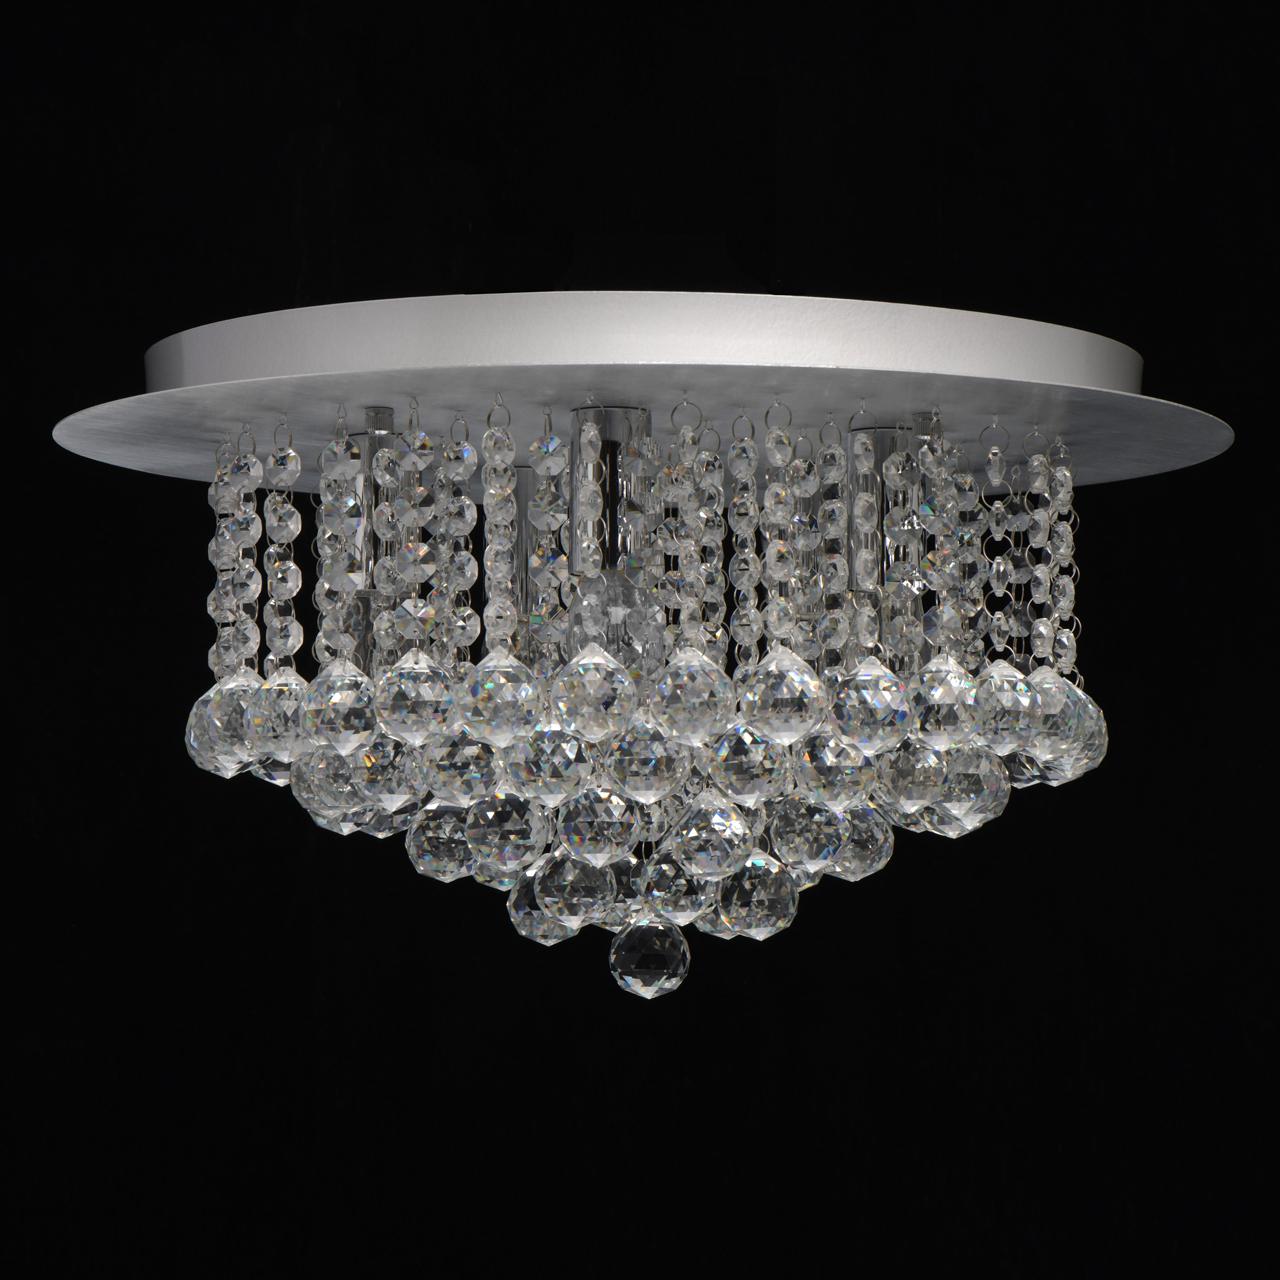 Потолочная люстра MW-Light Венеция 276014605, серебро, прозрачный, металл, хрусталь - фото 3